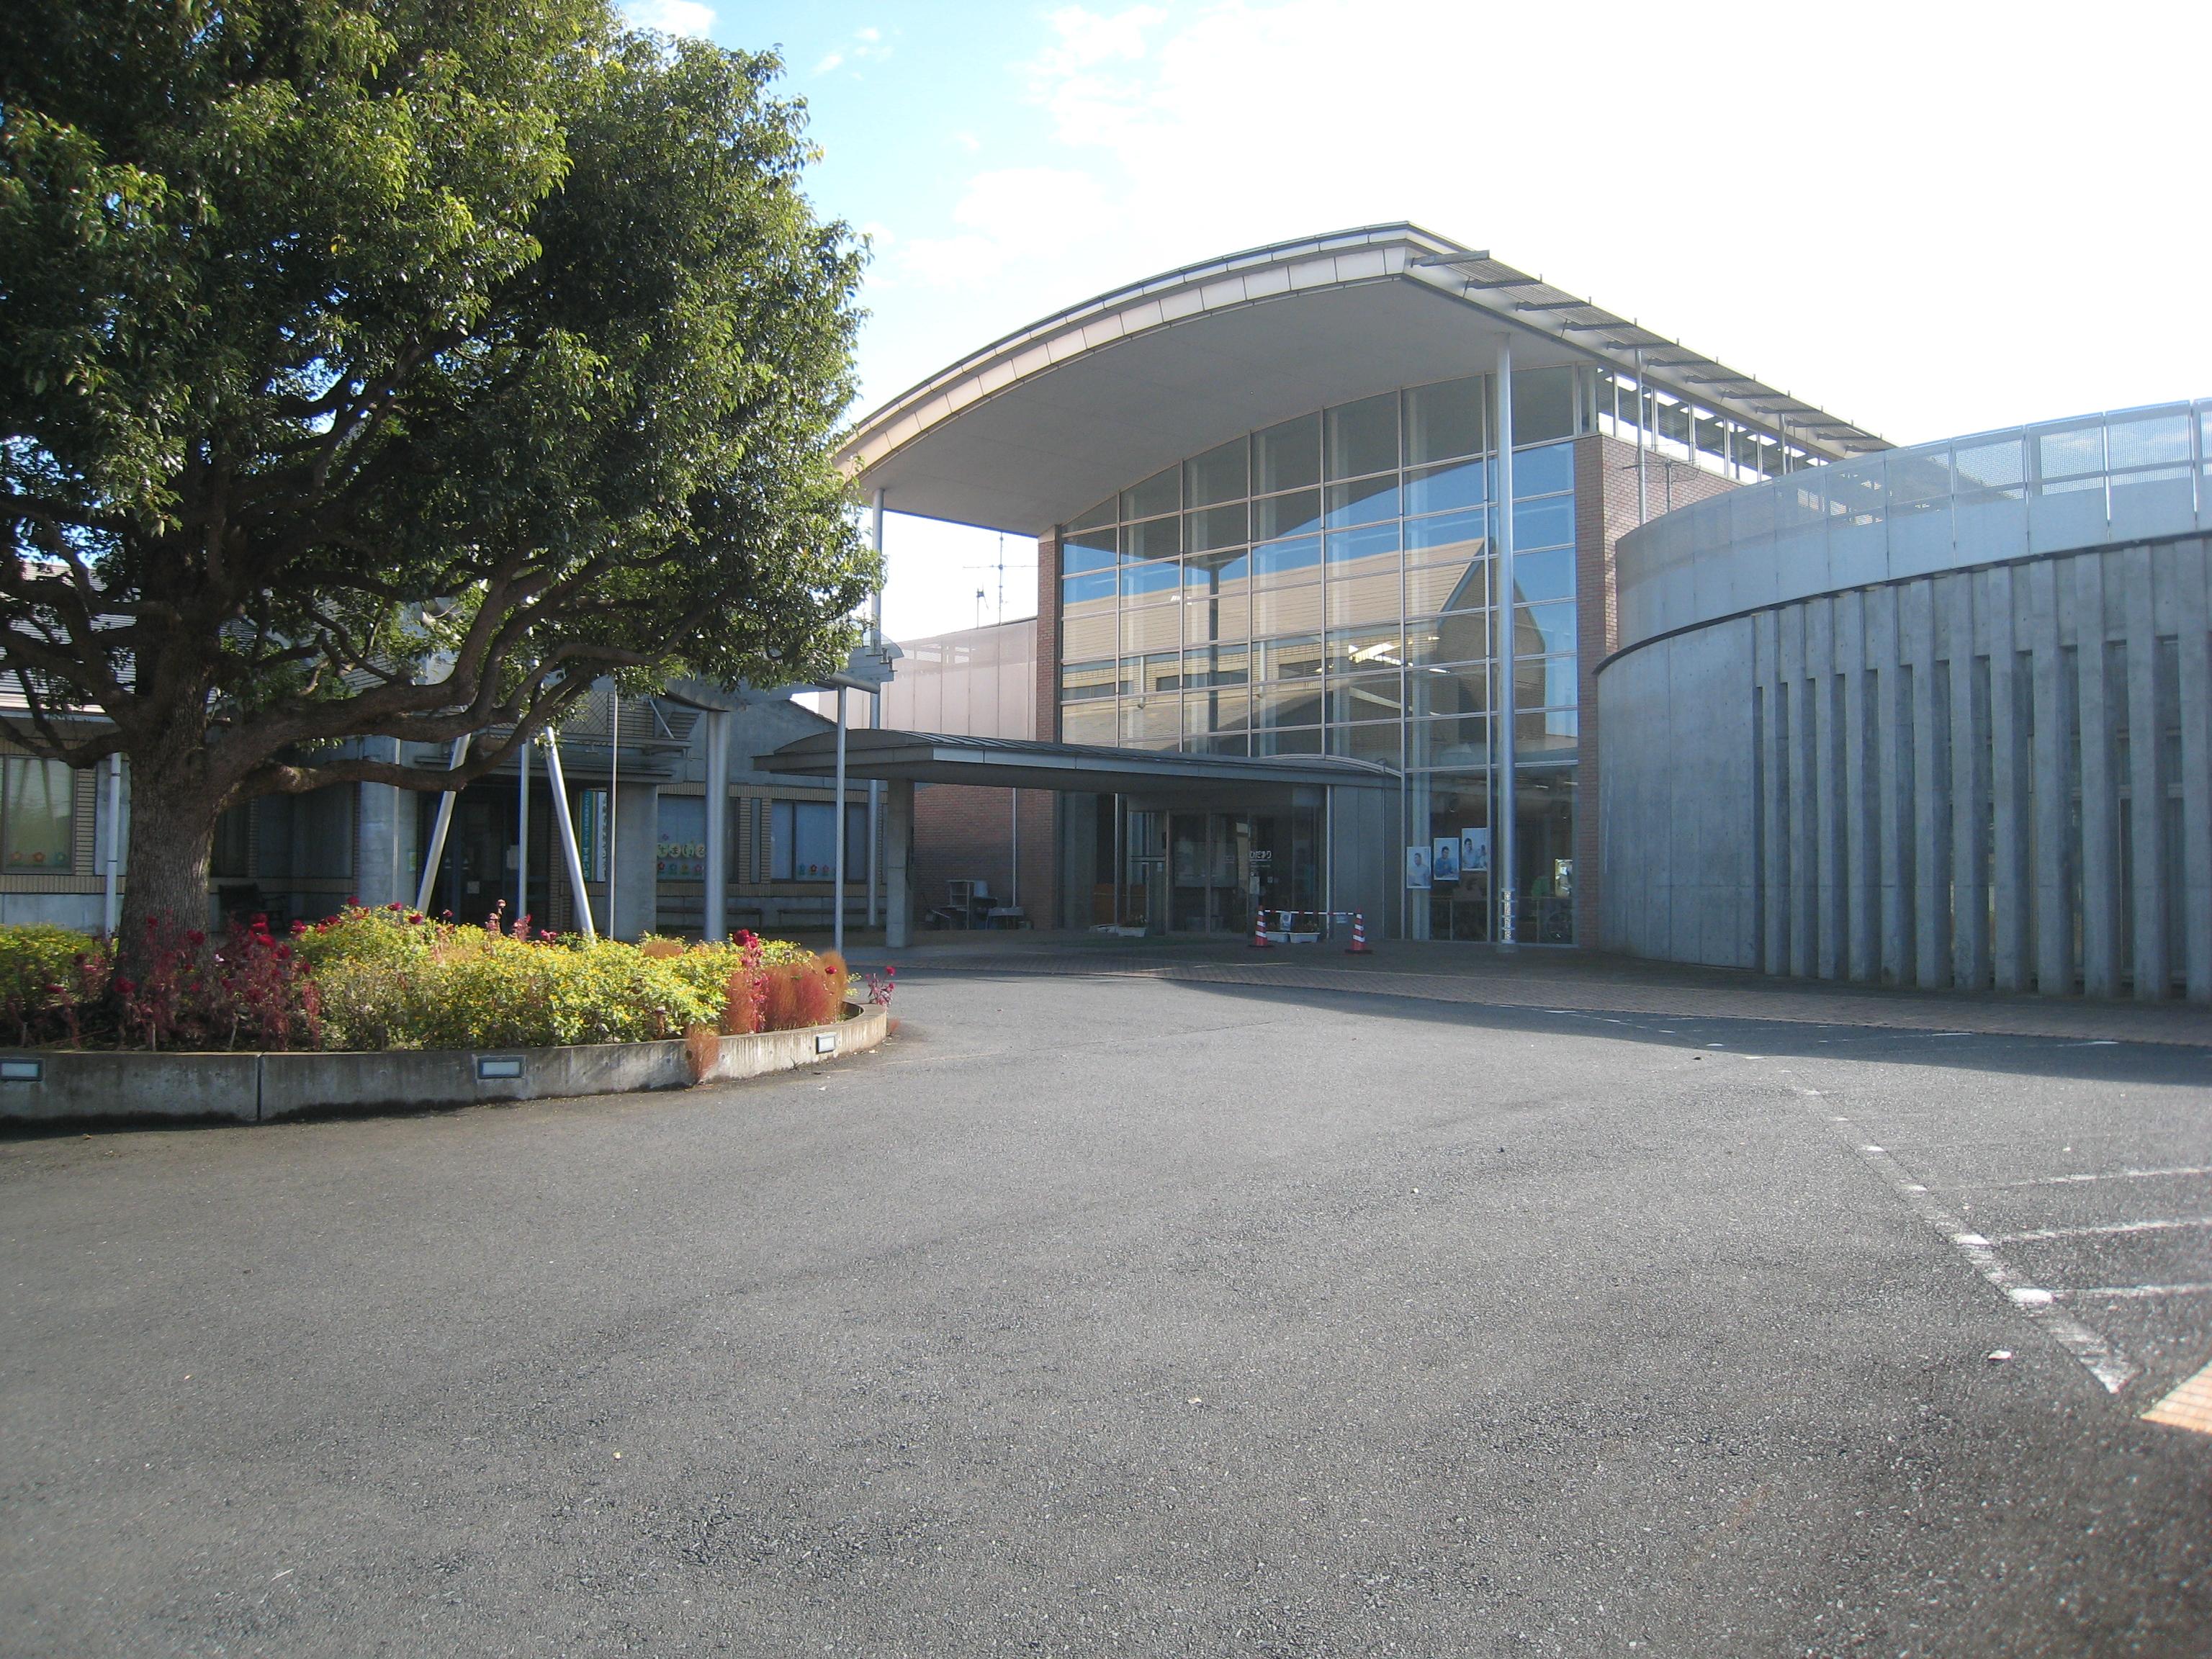 施設:⑦菅谷第3投票区 総合保健福祉センター(ひだまり)